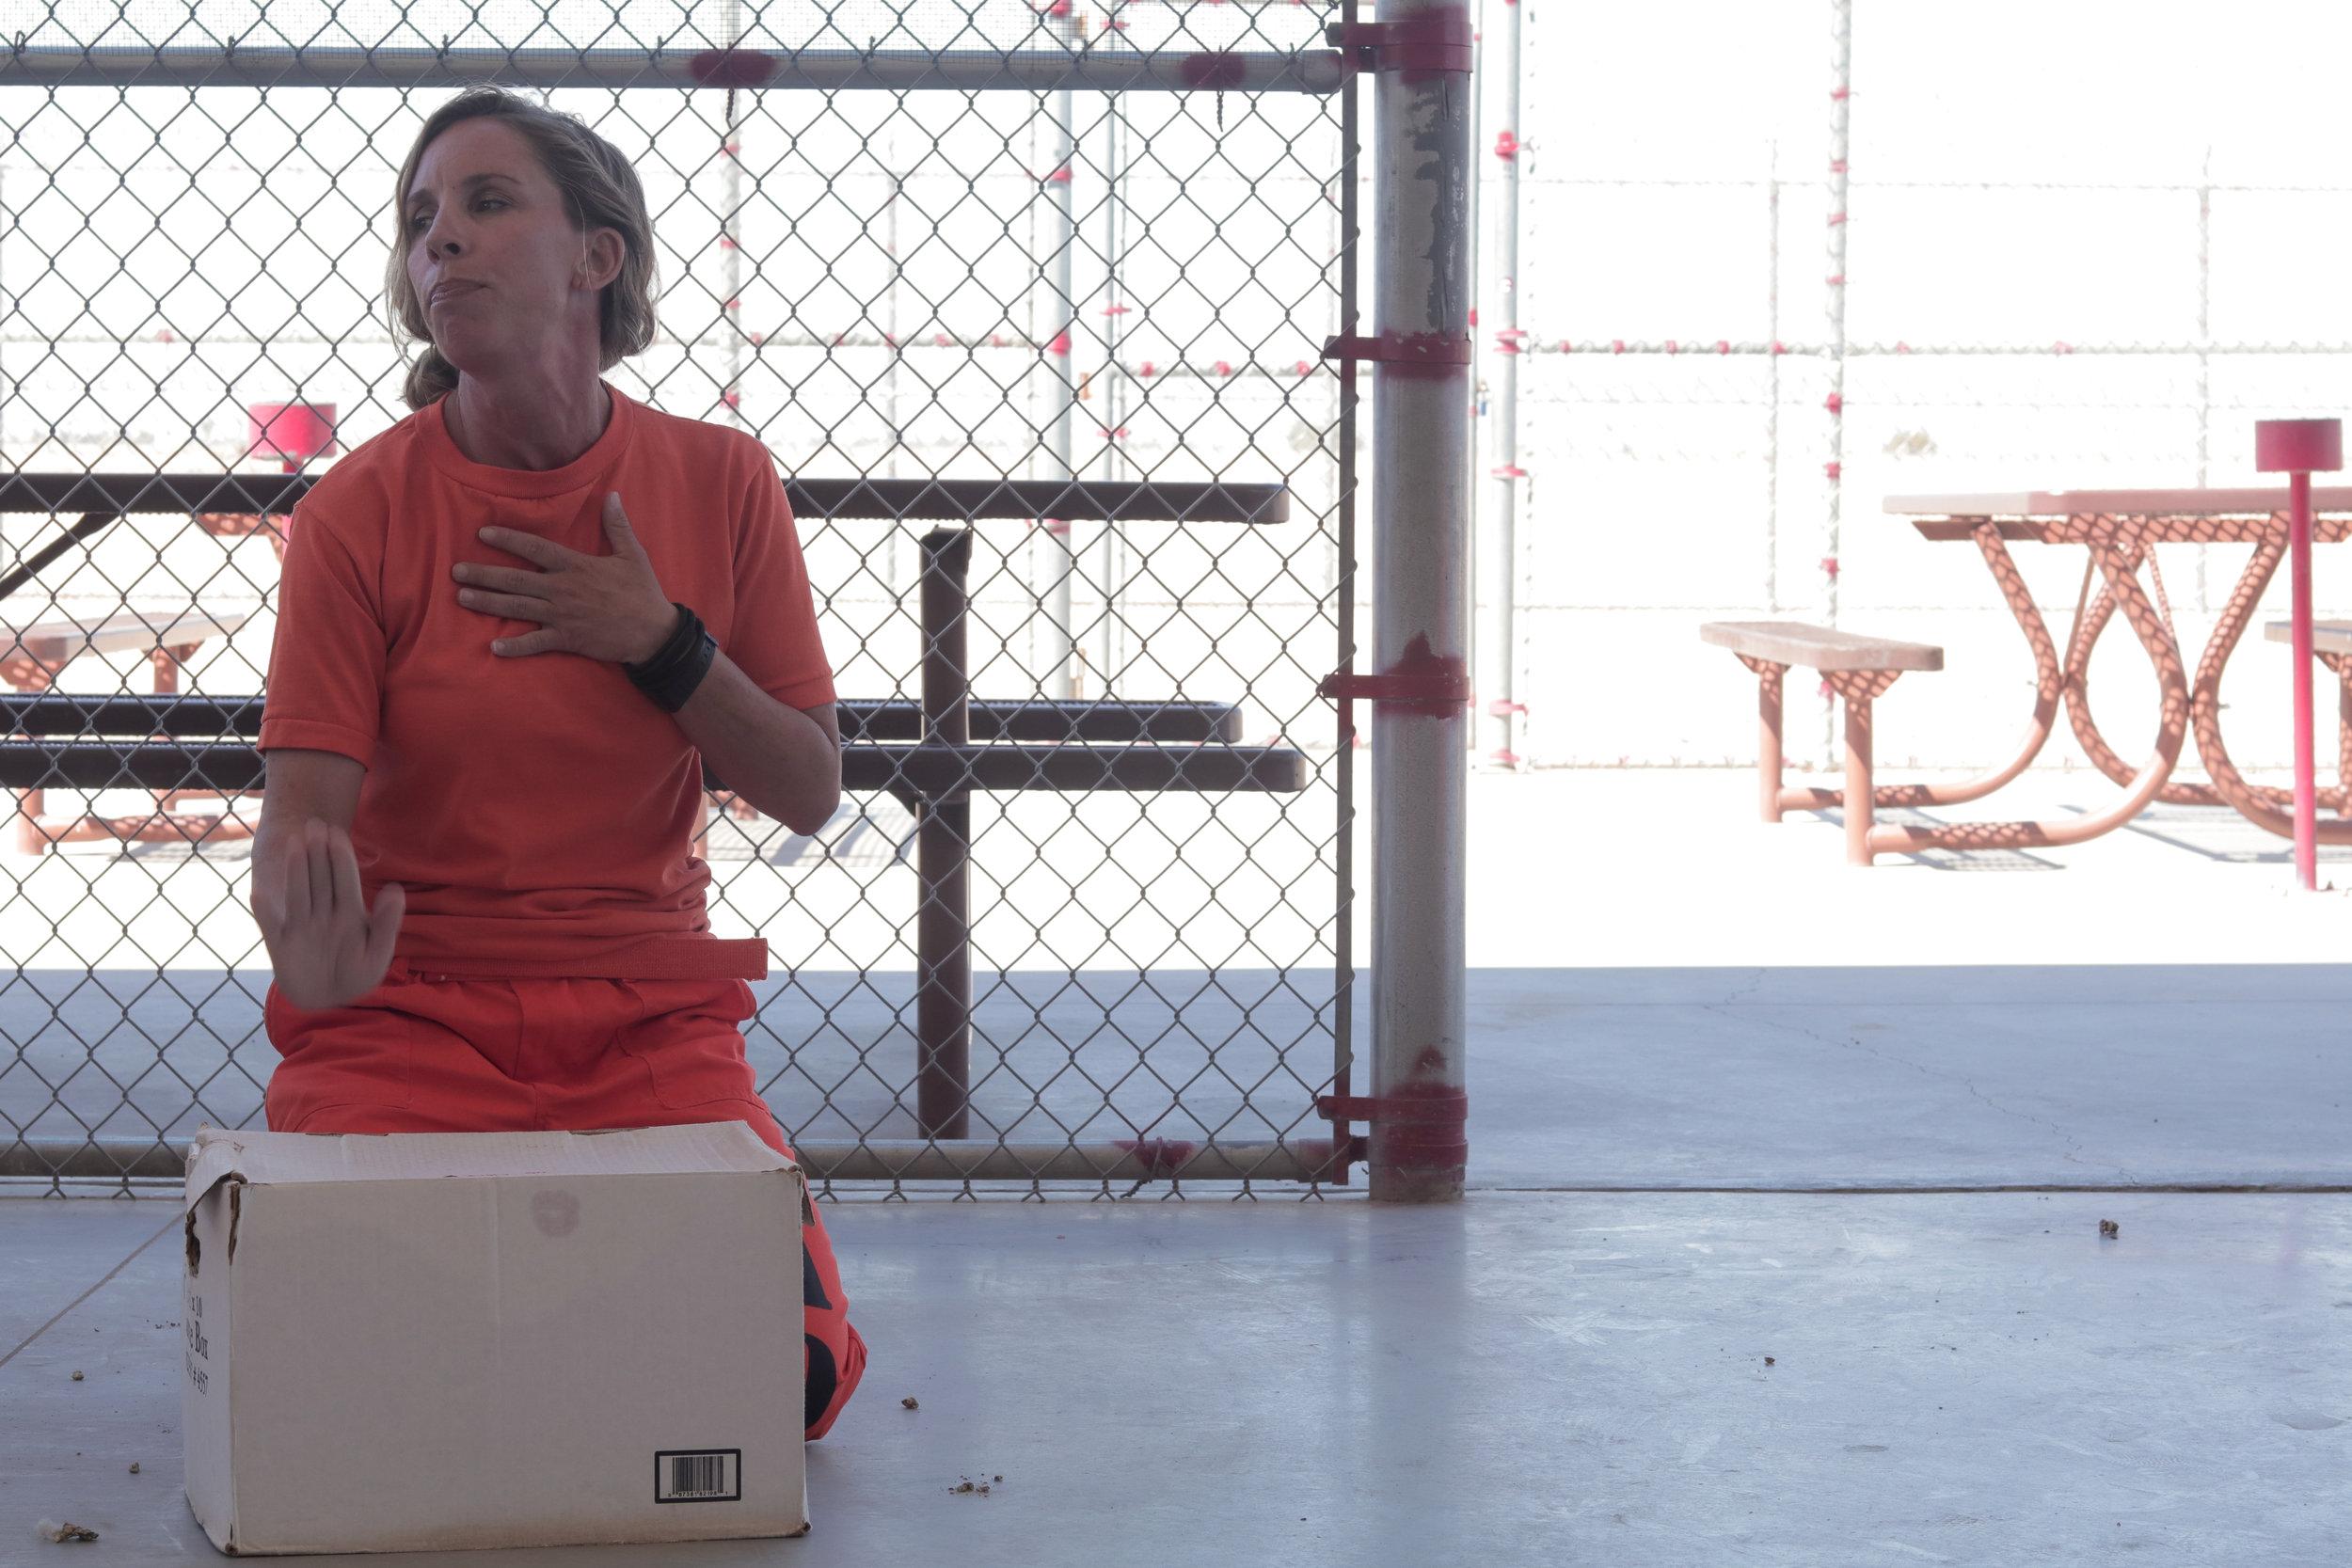 TEDx_Box_Girl.jpg